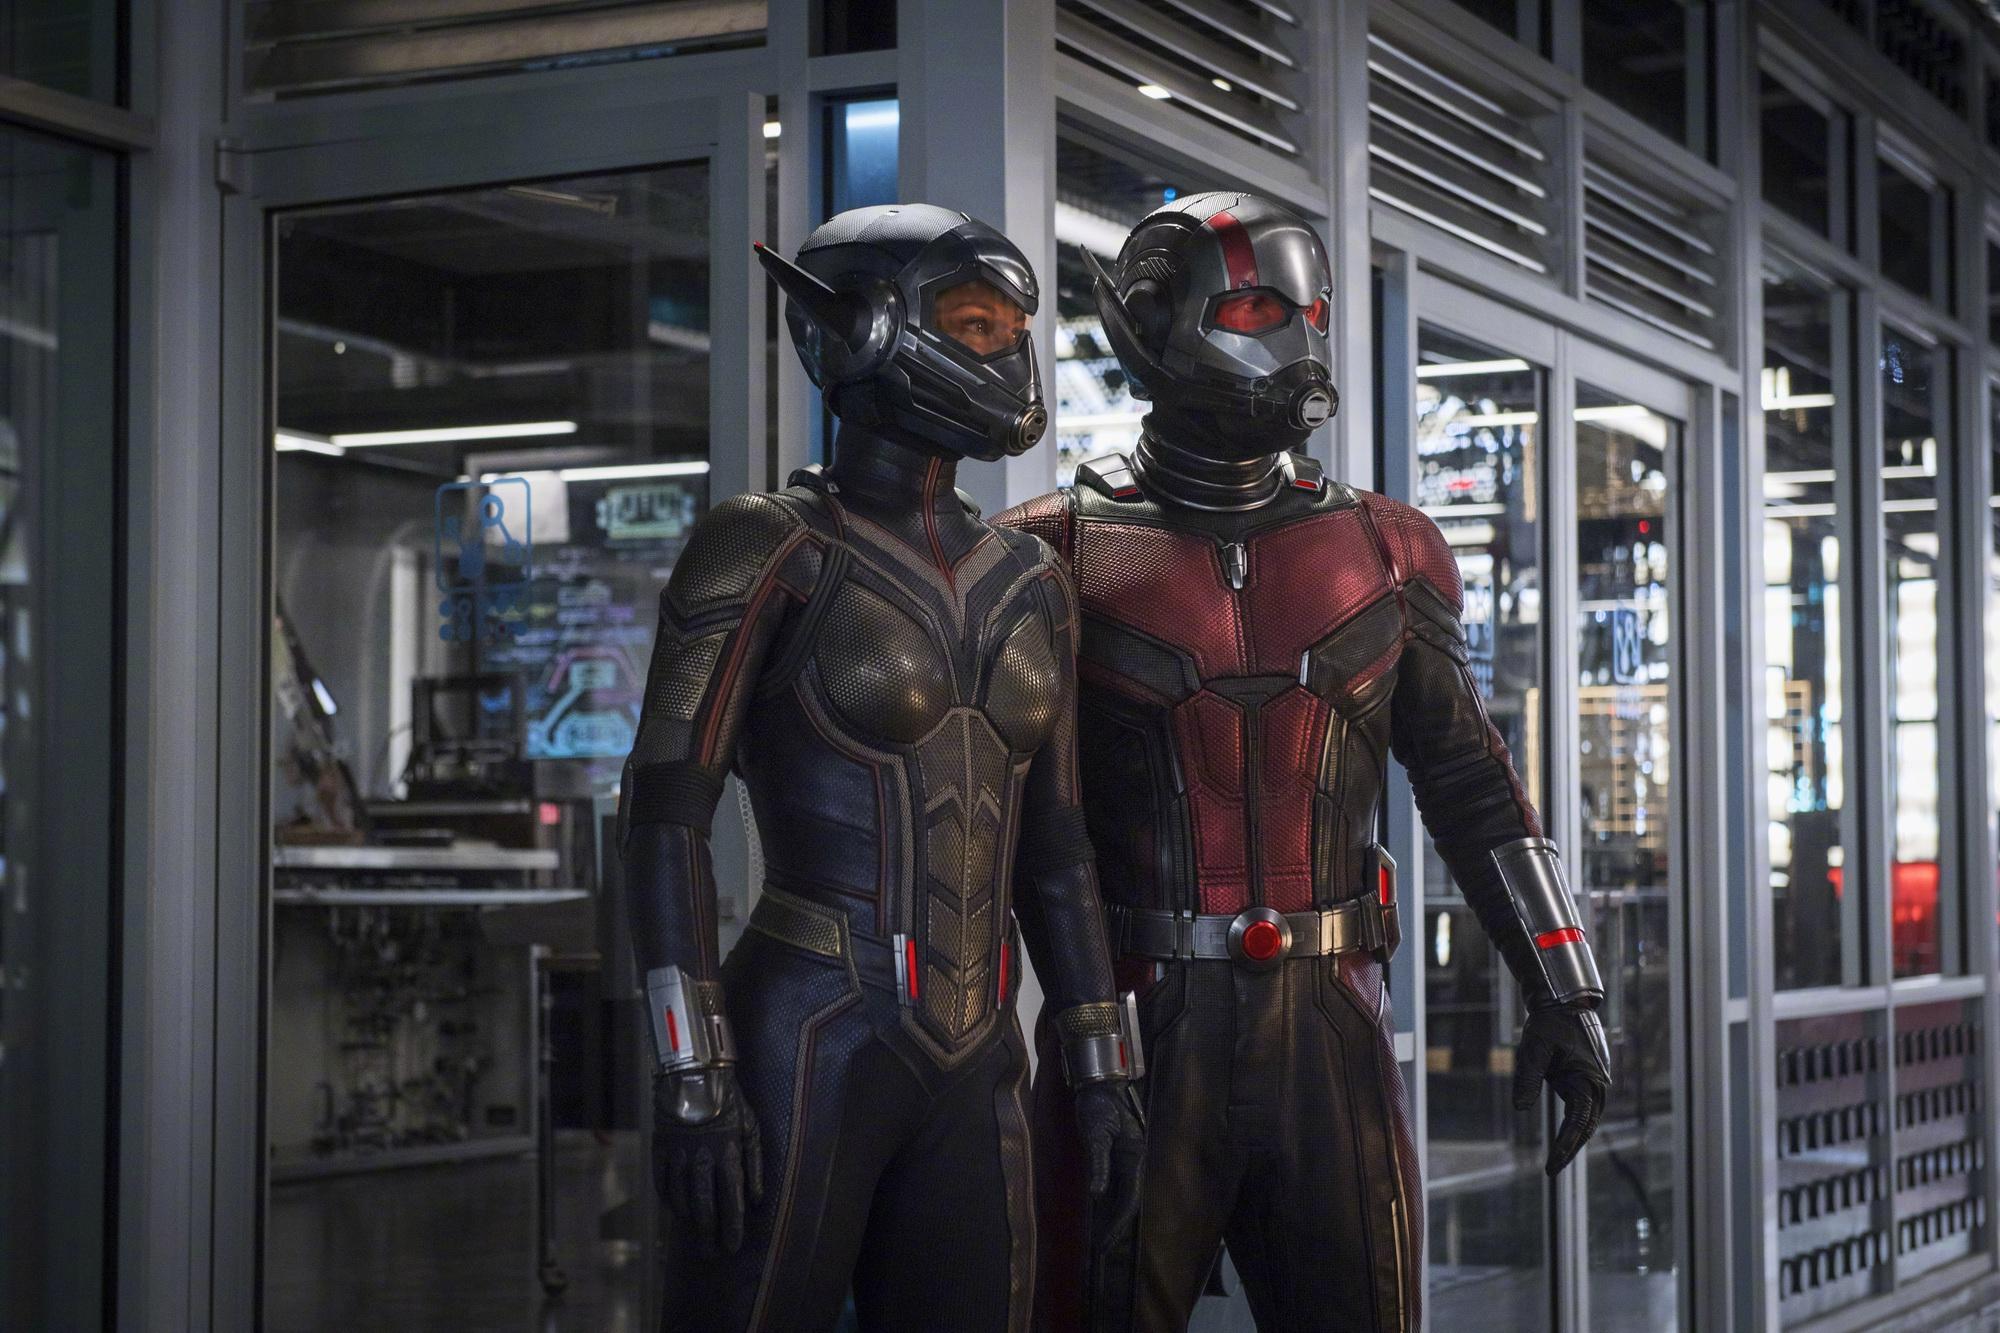 漫威《蚁人3》正式片名公布 电影LOGO曝光